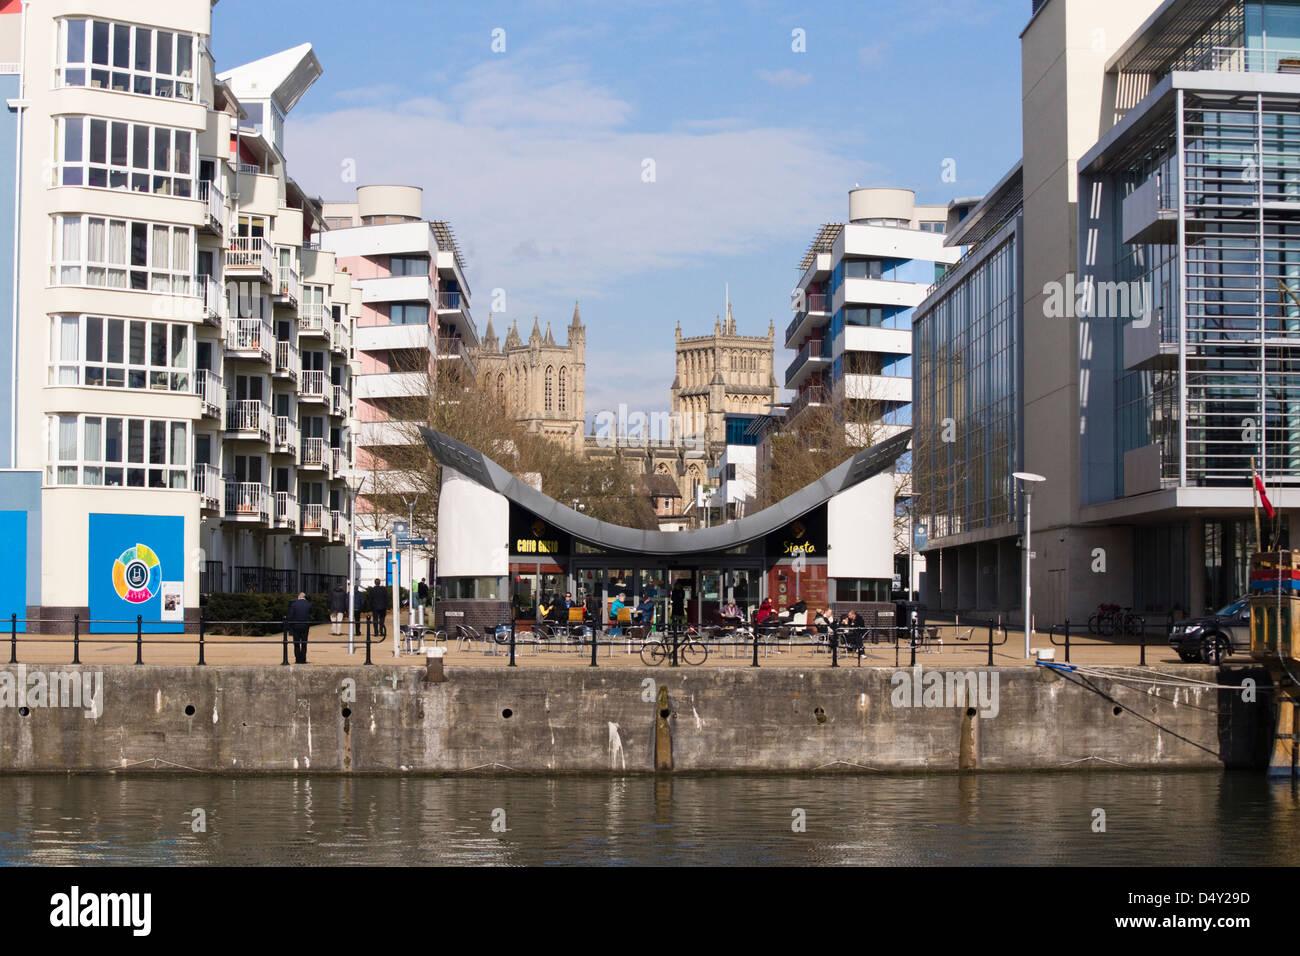 Cafe Gusto, Bristol Harbourside, Bristol England Regno Unito Immagini Stock